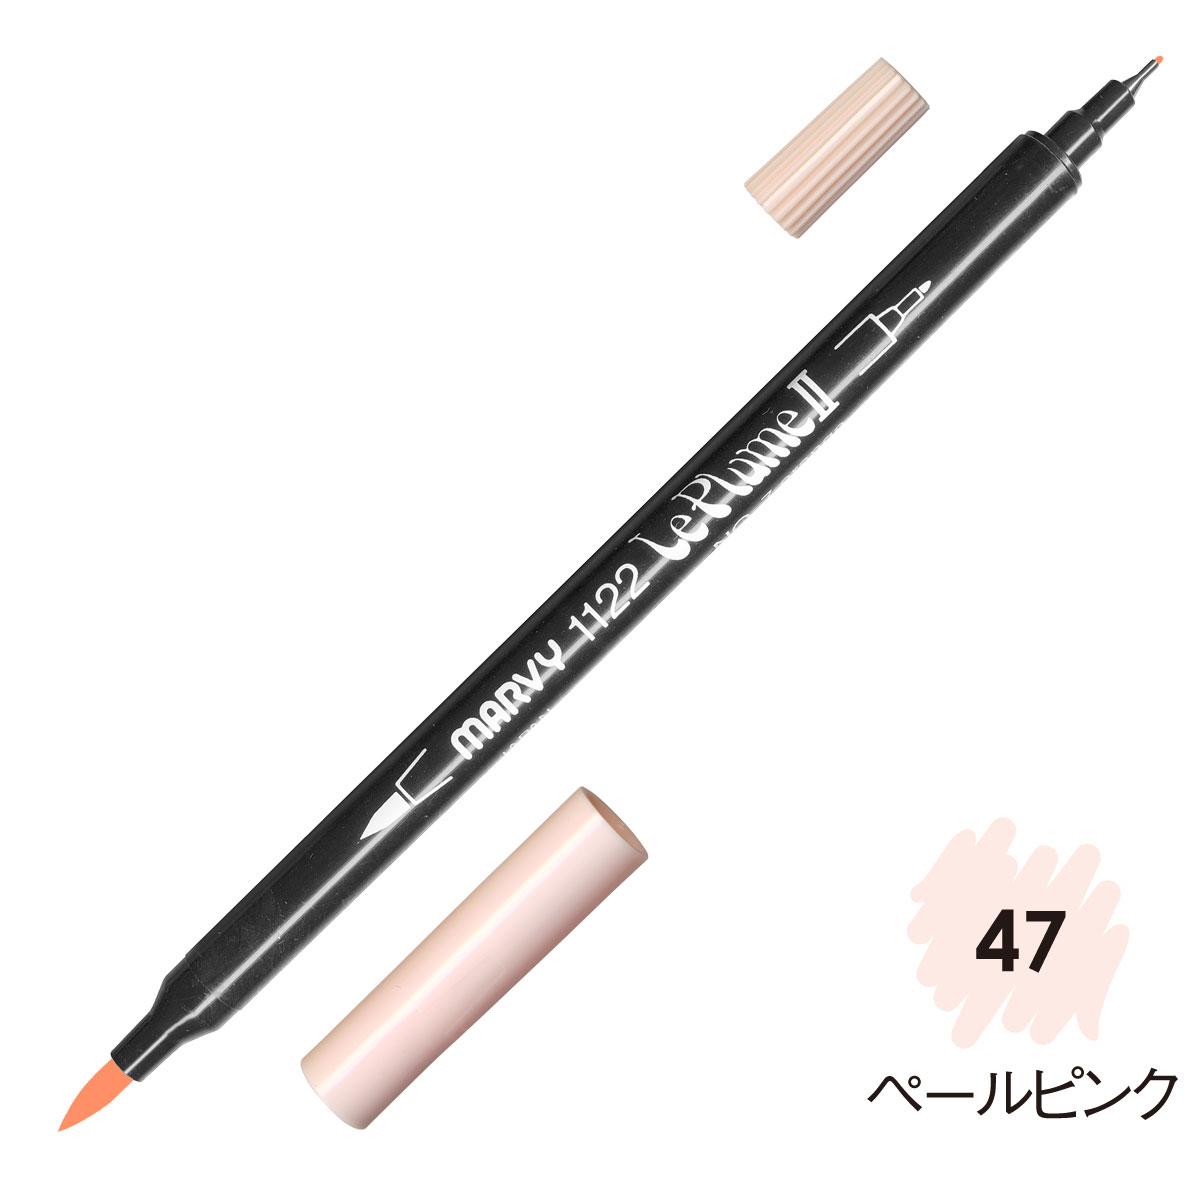 ルプルームII 単品 ペールピンク(47)画像